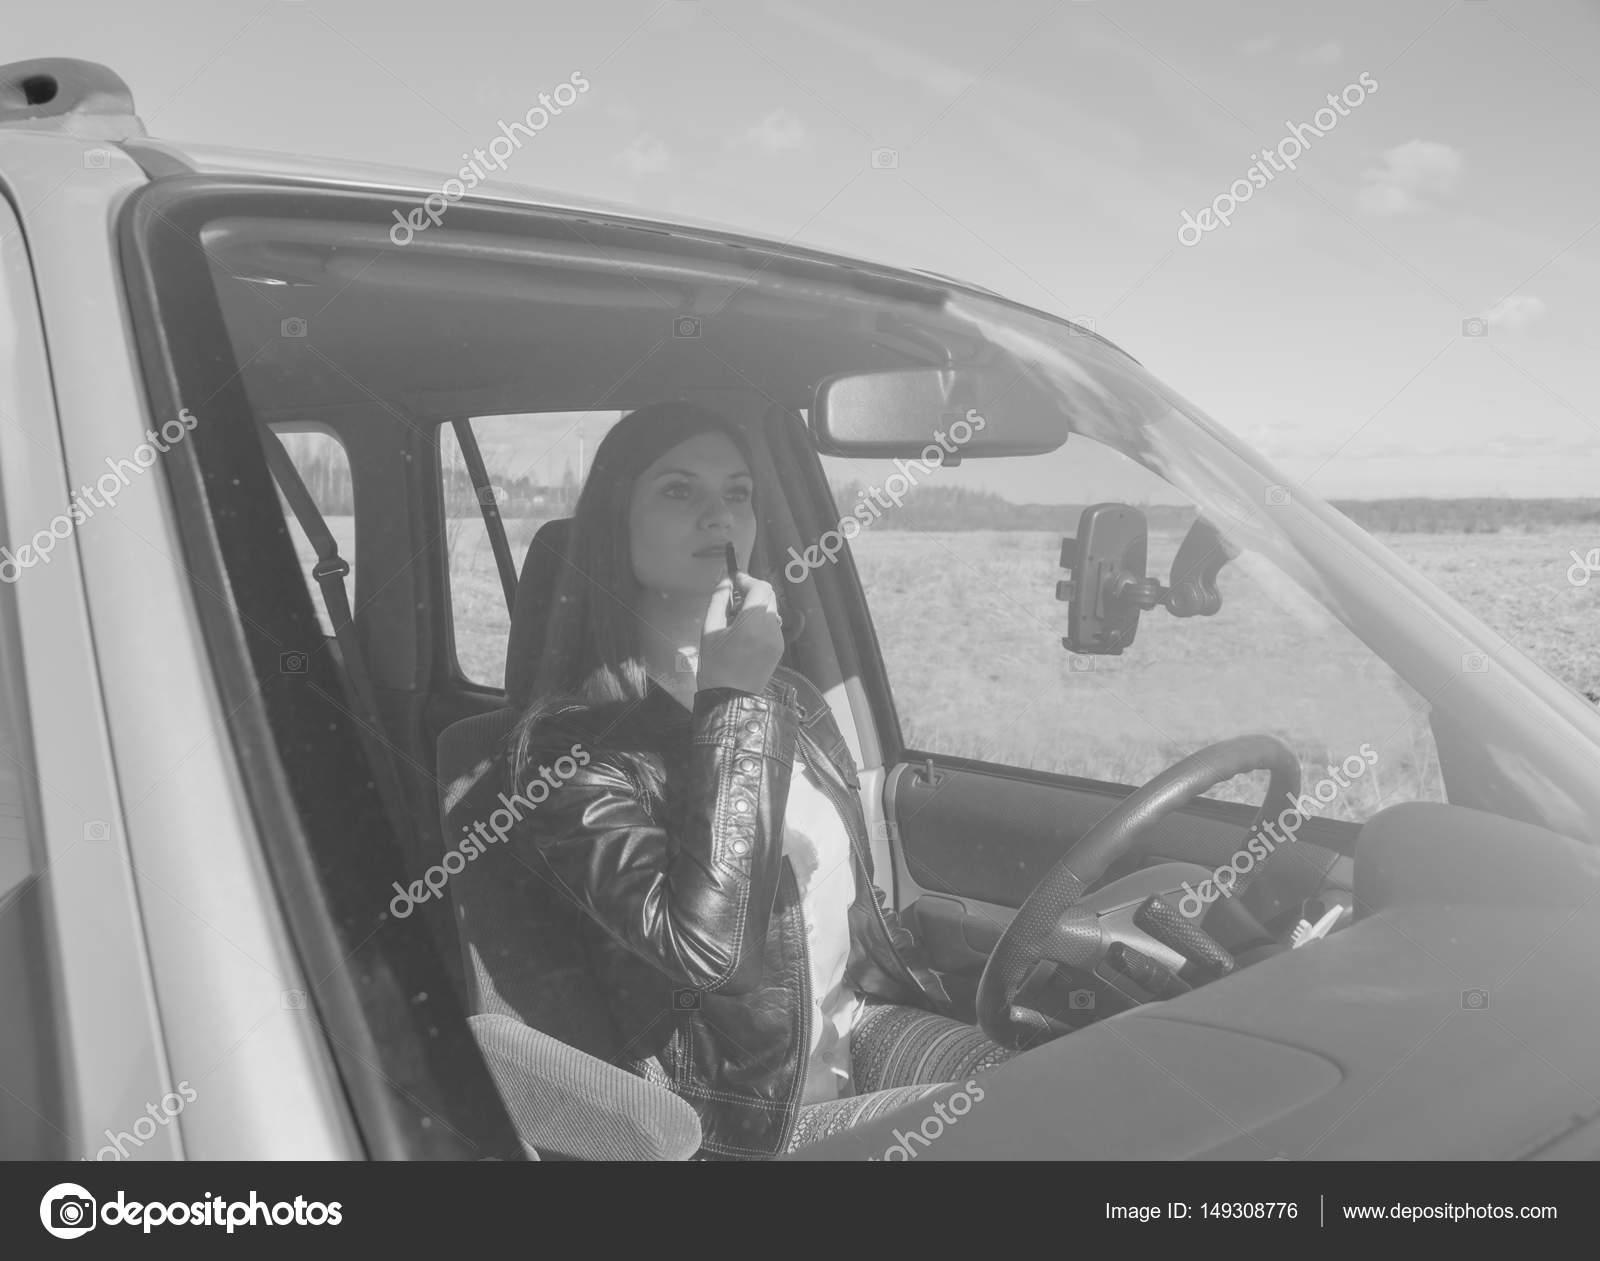 Schwarz Und Weiß Malt Auto Ihre Lippen Ein Schönes Mädchen